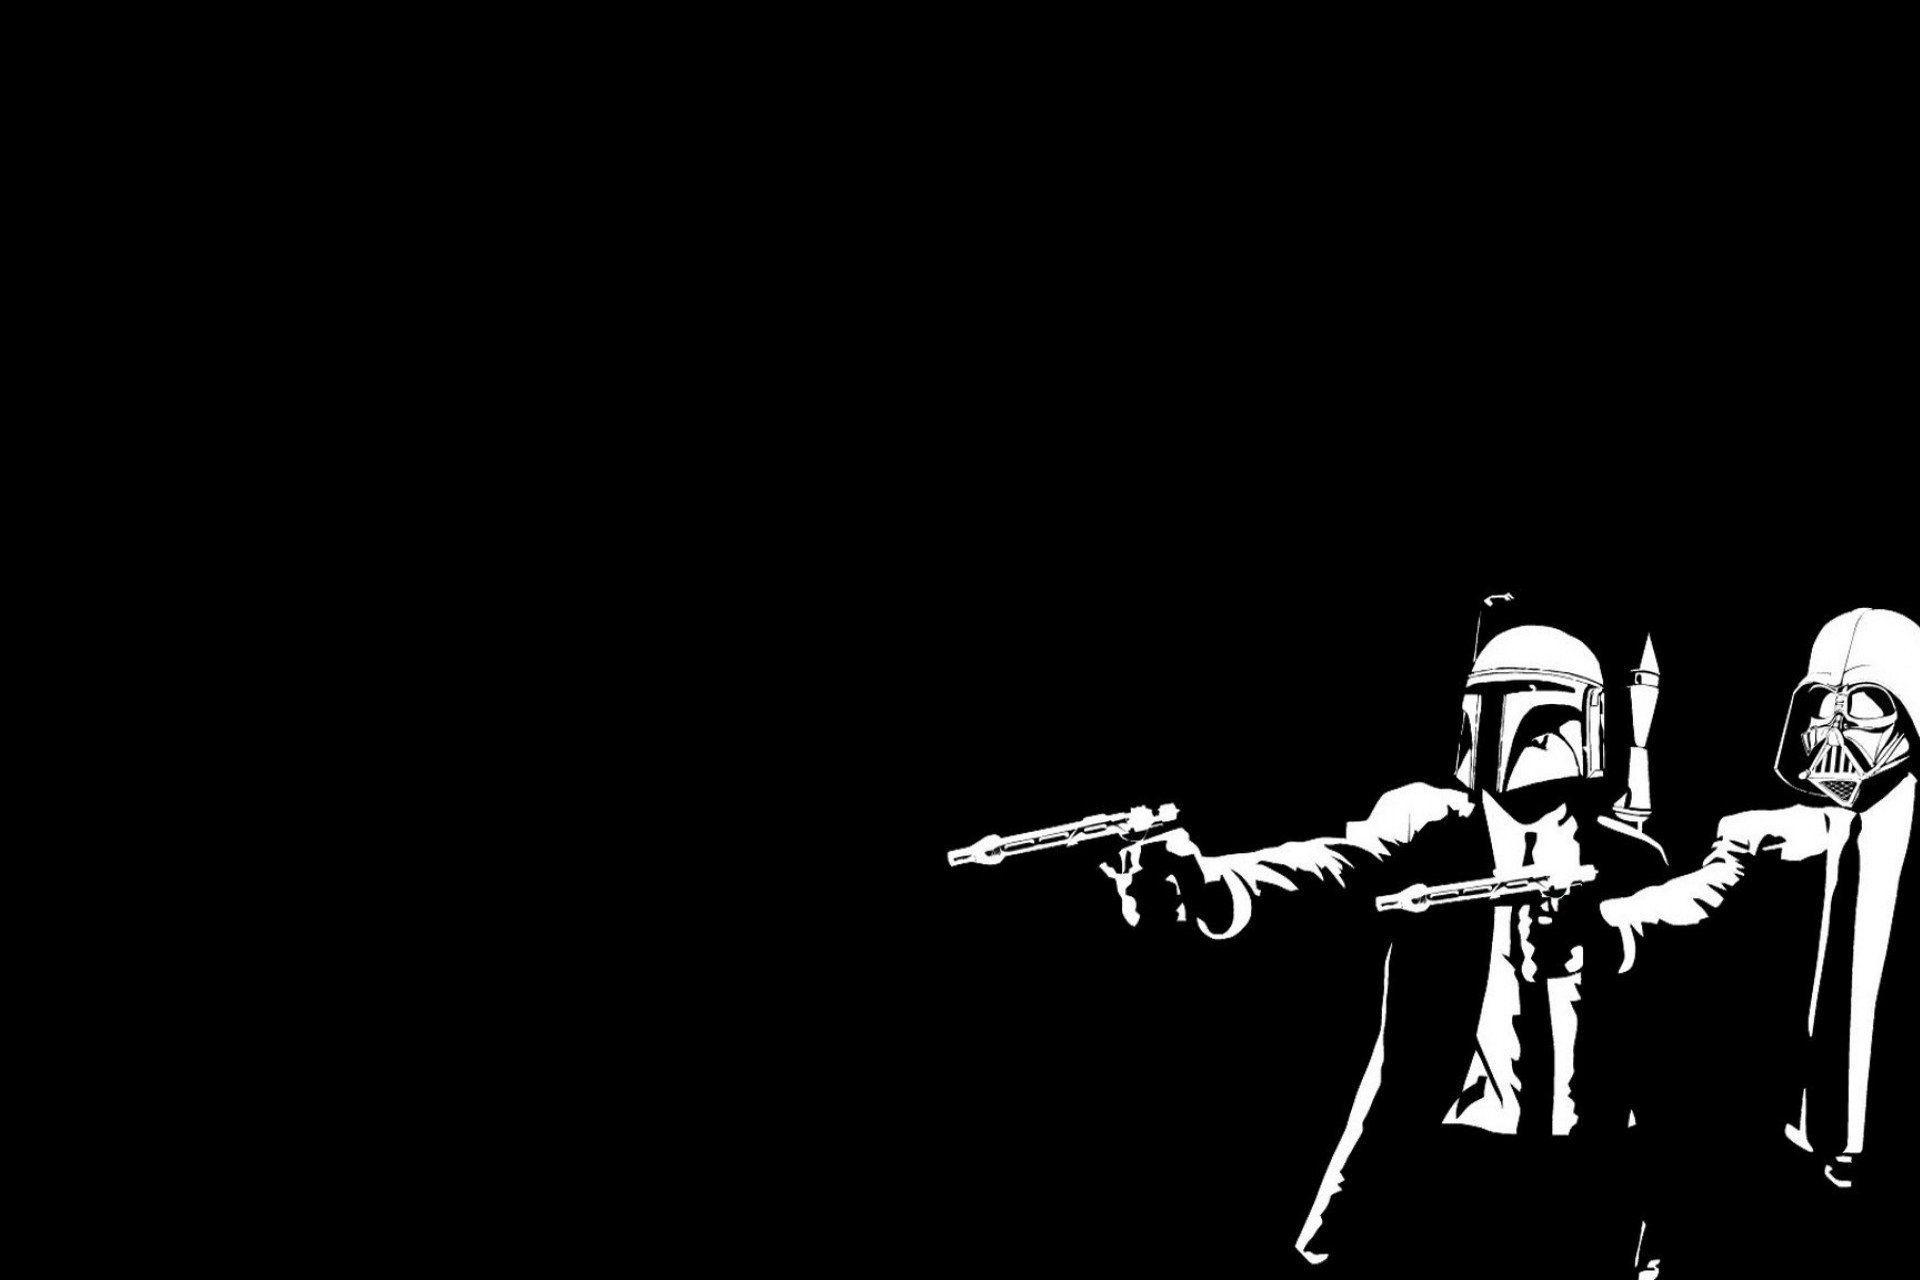 Star Wars Minimalist HD 1080 wallpaper